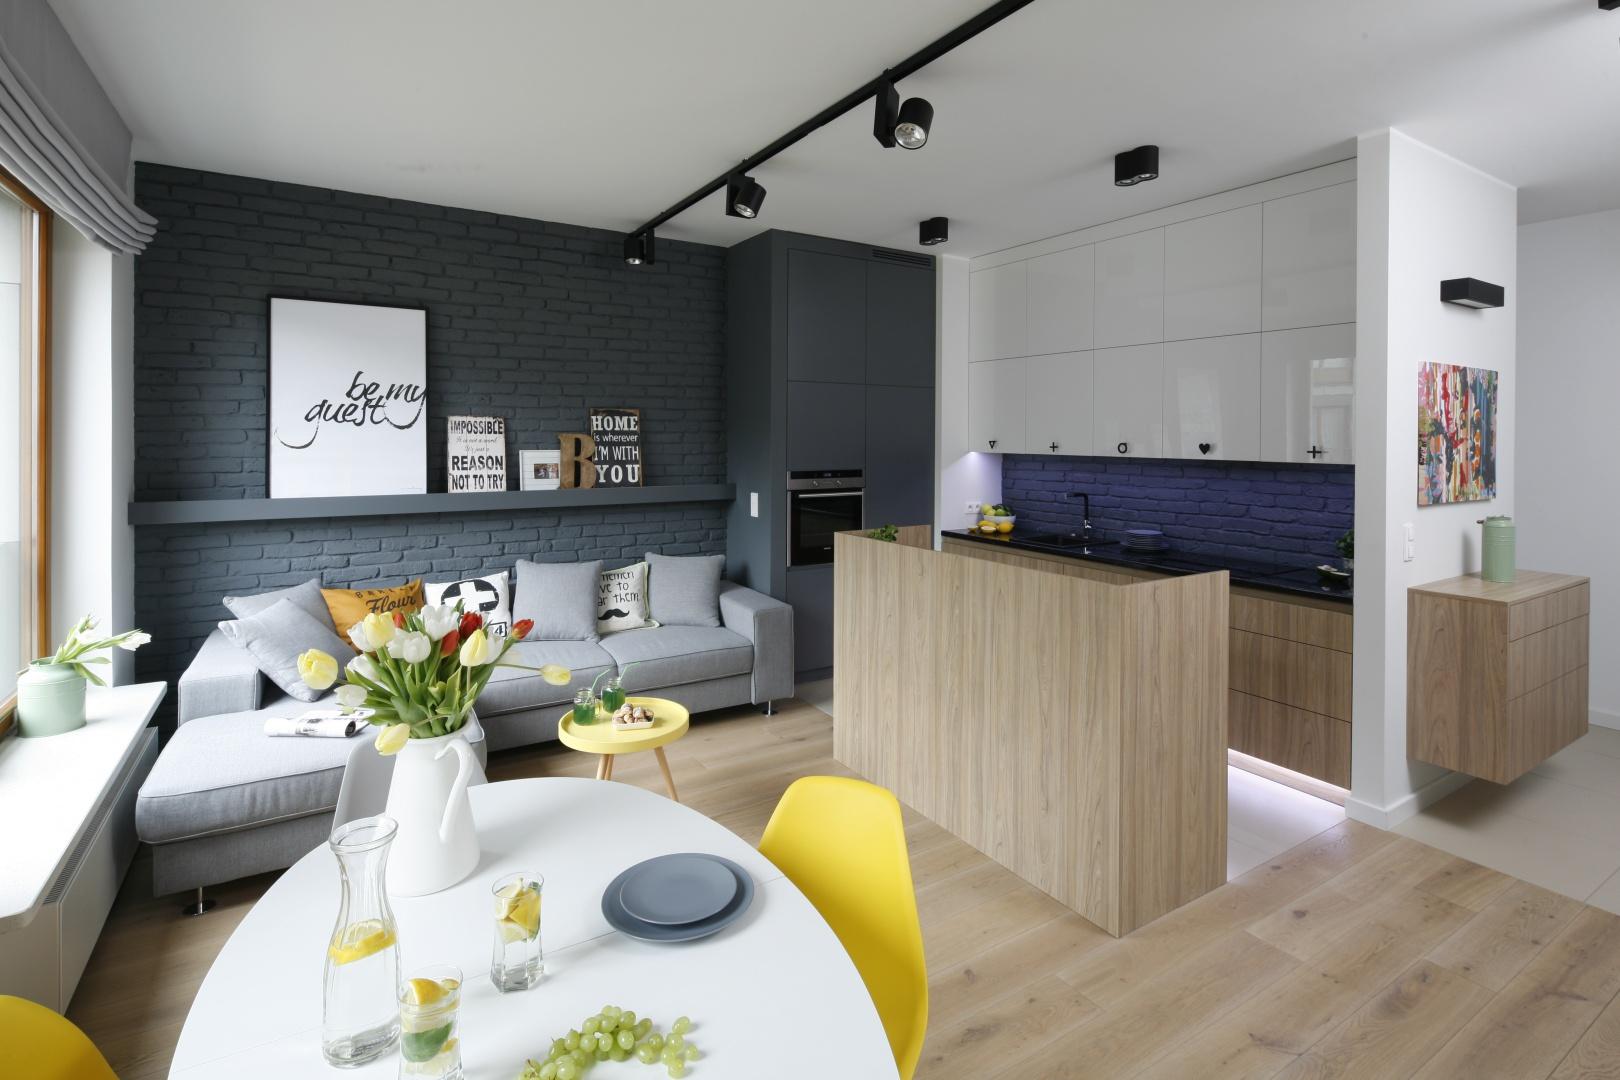 Scenerią wszelkich codziennych działań jest otwarta strefa dzienna, gdzie na wspólnej przestrzeni zaaranżowano salon, jadalnię i kuchnię.